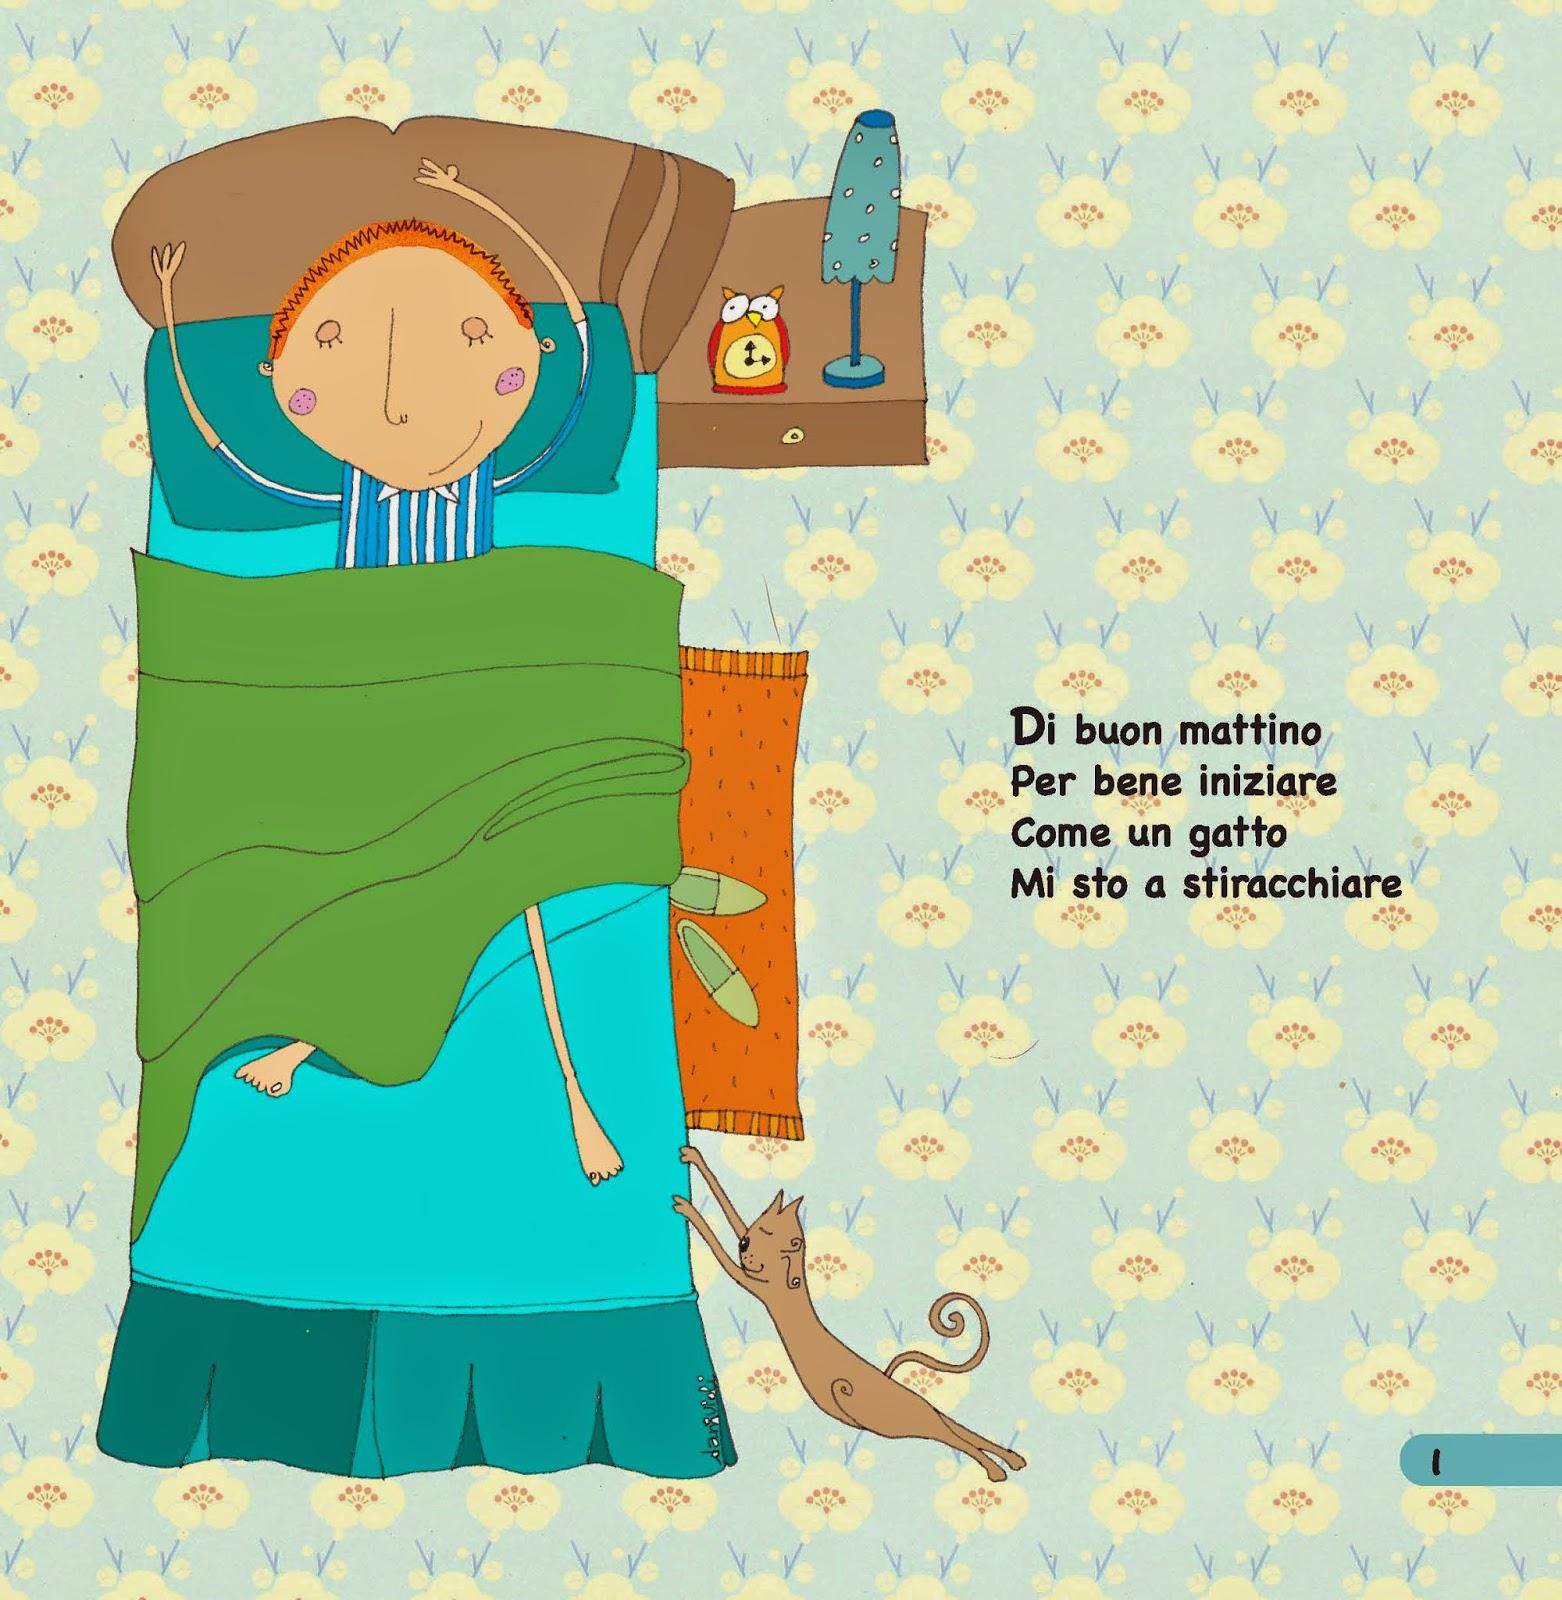 El Book De Daniela Violi Quando Sto Bene Publicazione Di Salute E Benessere Per Bambini